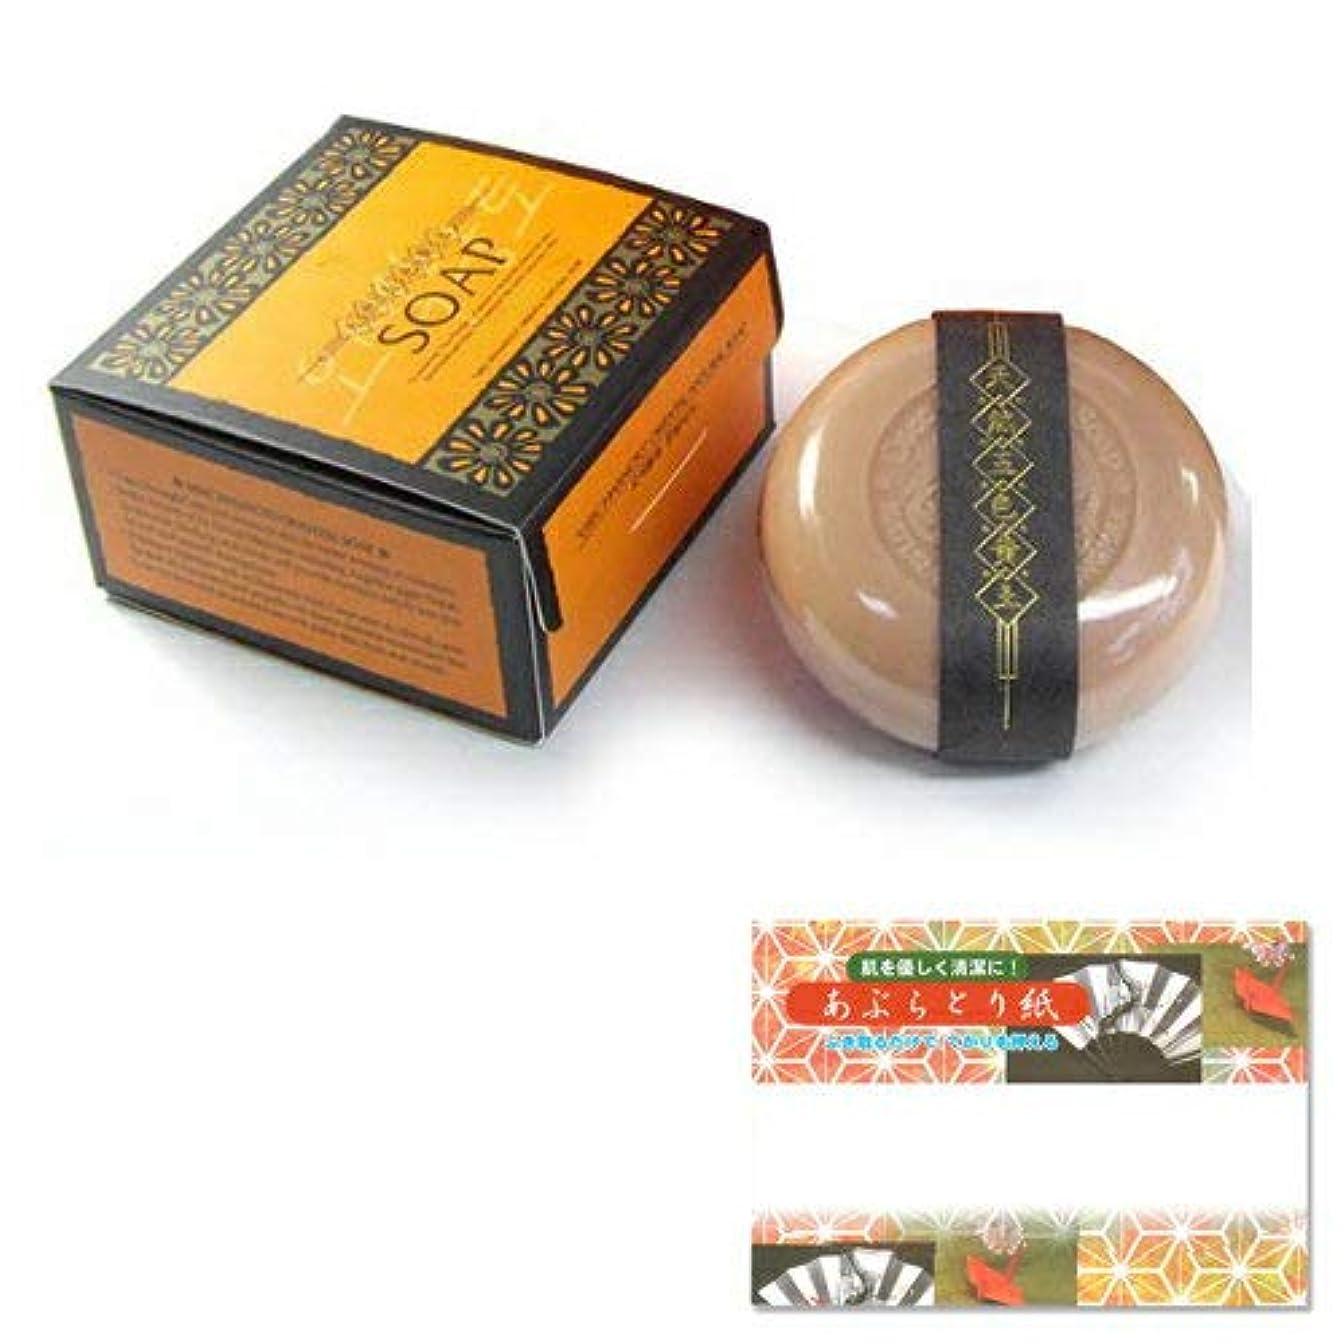 びっくり良性ファイアルピエラス 五色黄土石鹸 110g×4個 + 高級あぶらとり紙 セット